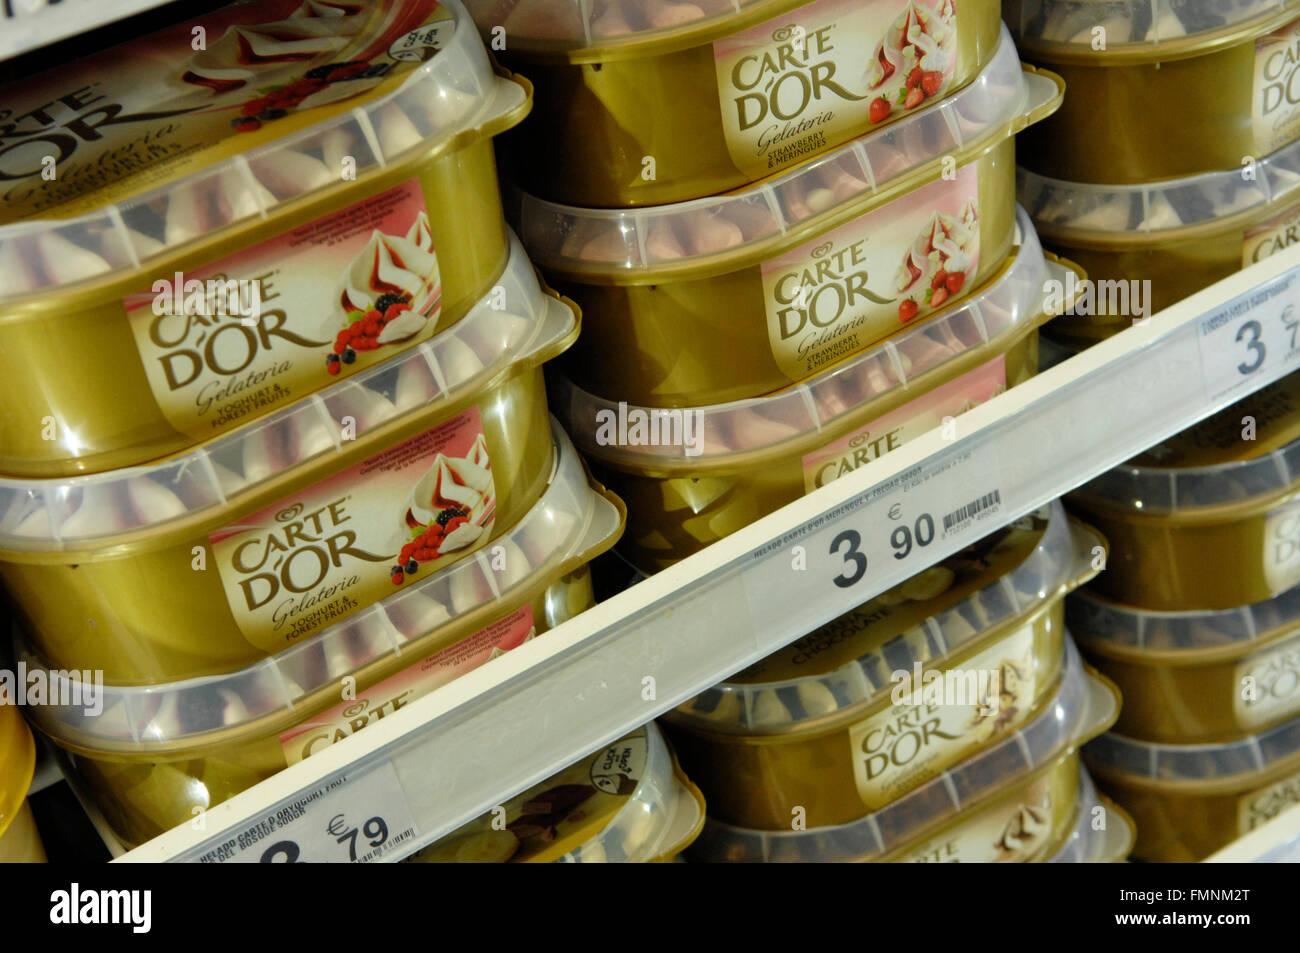 Carte Dor Stock Photos Carte Dor Stock Images Alamy